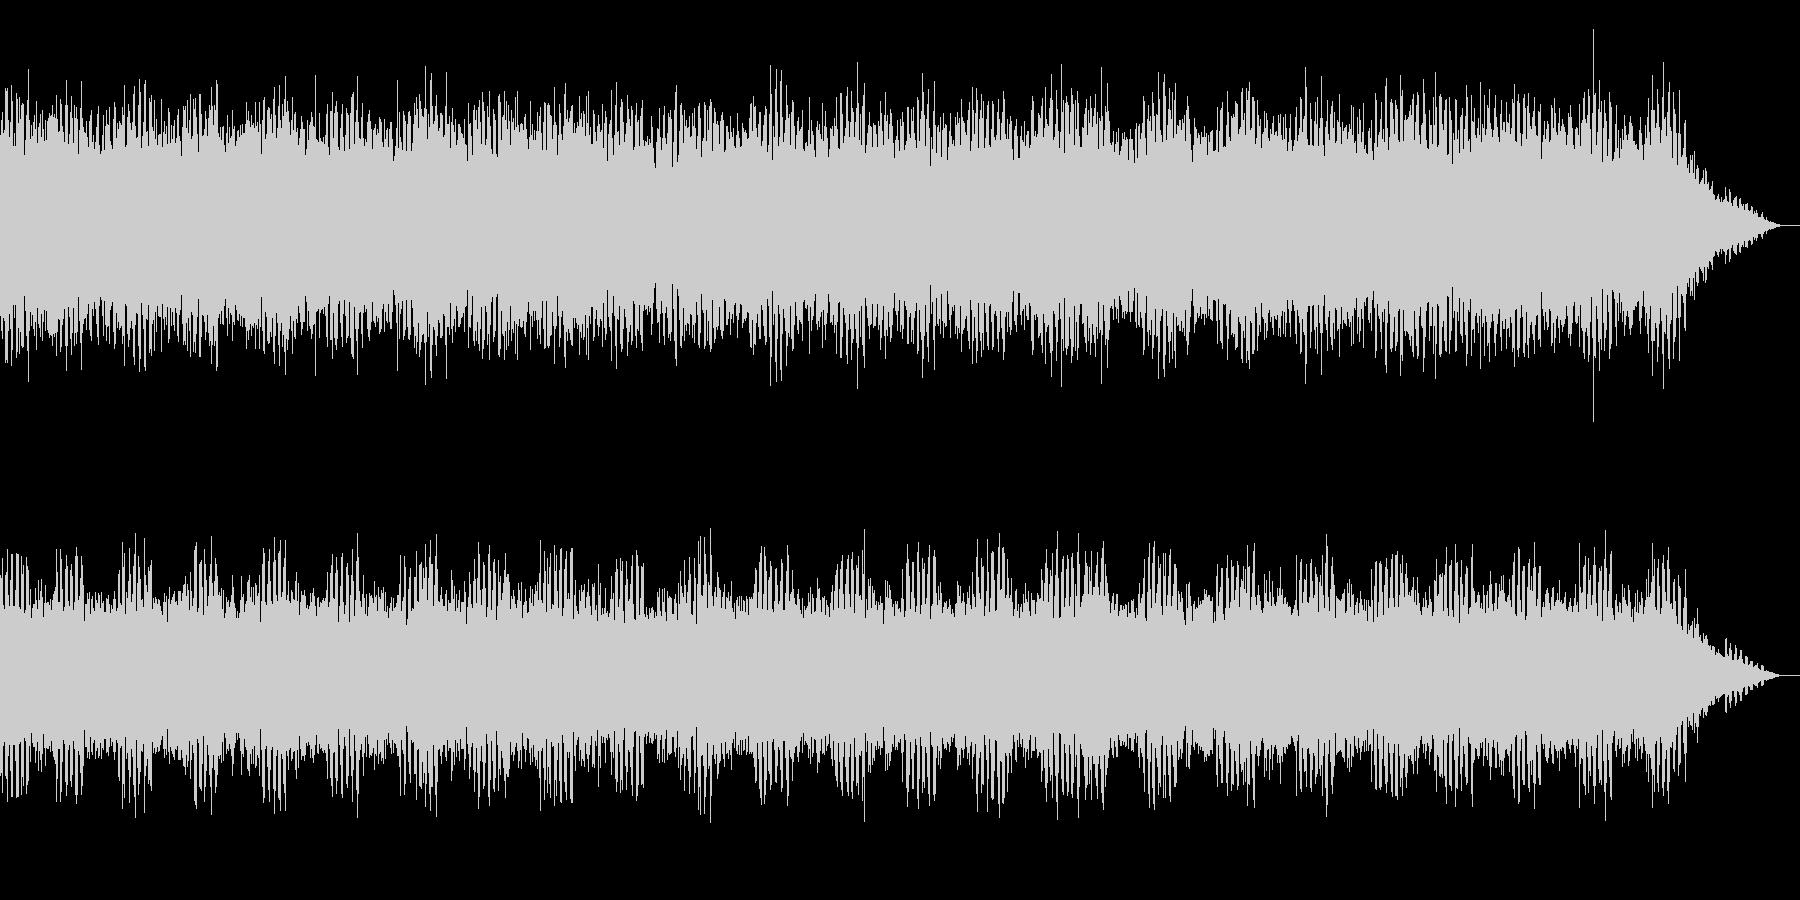 【生録音】夏の虫たちの鳴き声 1 の未再生の波形